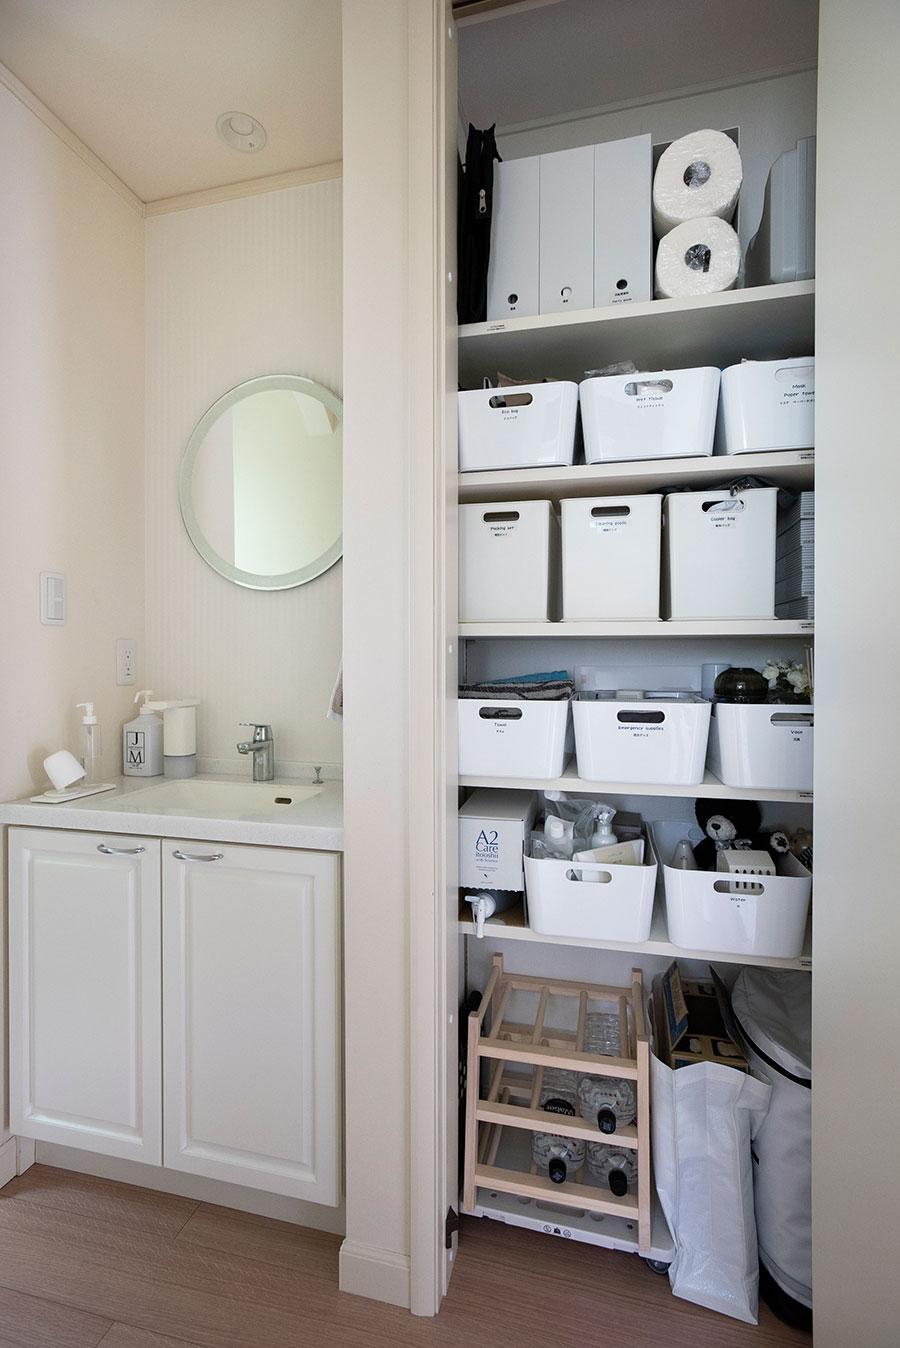 玄関付近にある洗面台の脇にも収納を。いちばん下にはキャスター付きの台を活用し、ミネラルウォーターをストック。